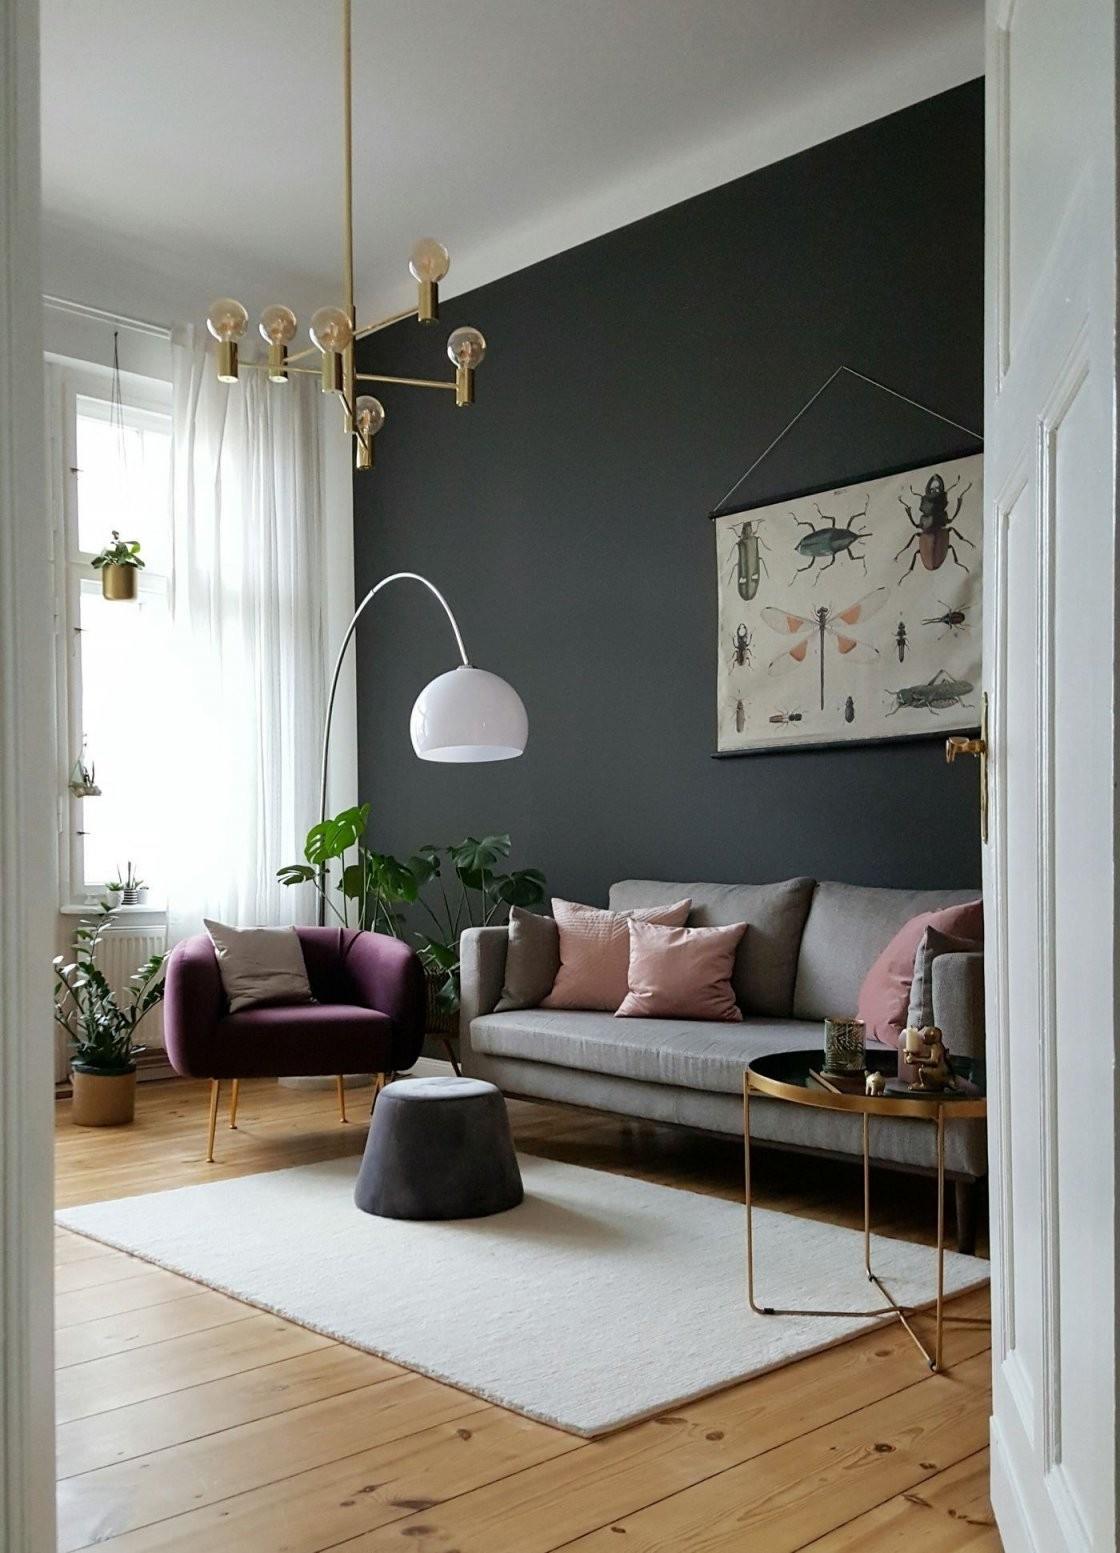 Altrosa Wandfarbe Wohnzimmer Von Wohnzimmer Wände Streichen Ideen 77364 von Wohnzimmer Wände Streichen Ideen Bild